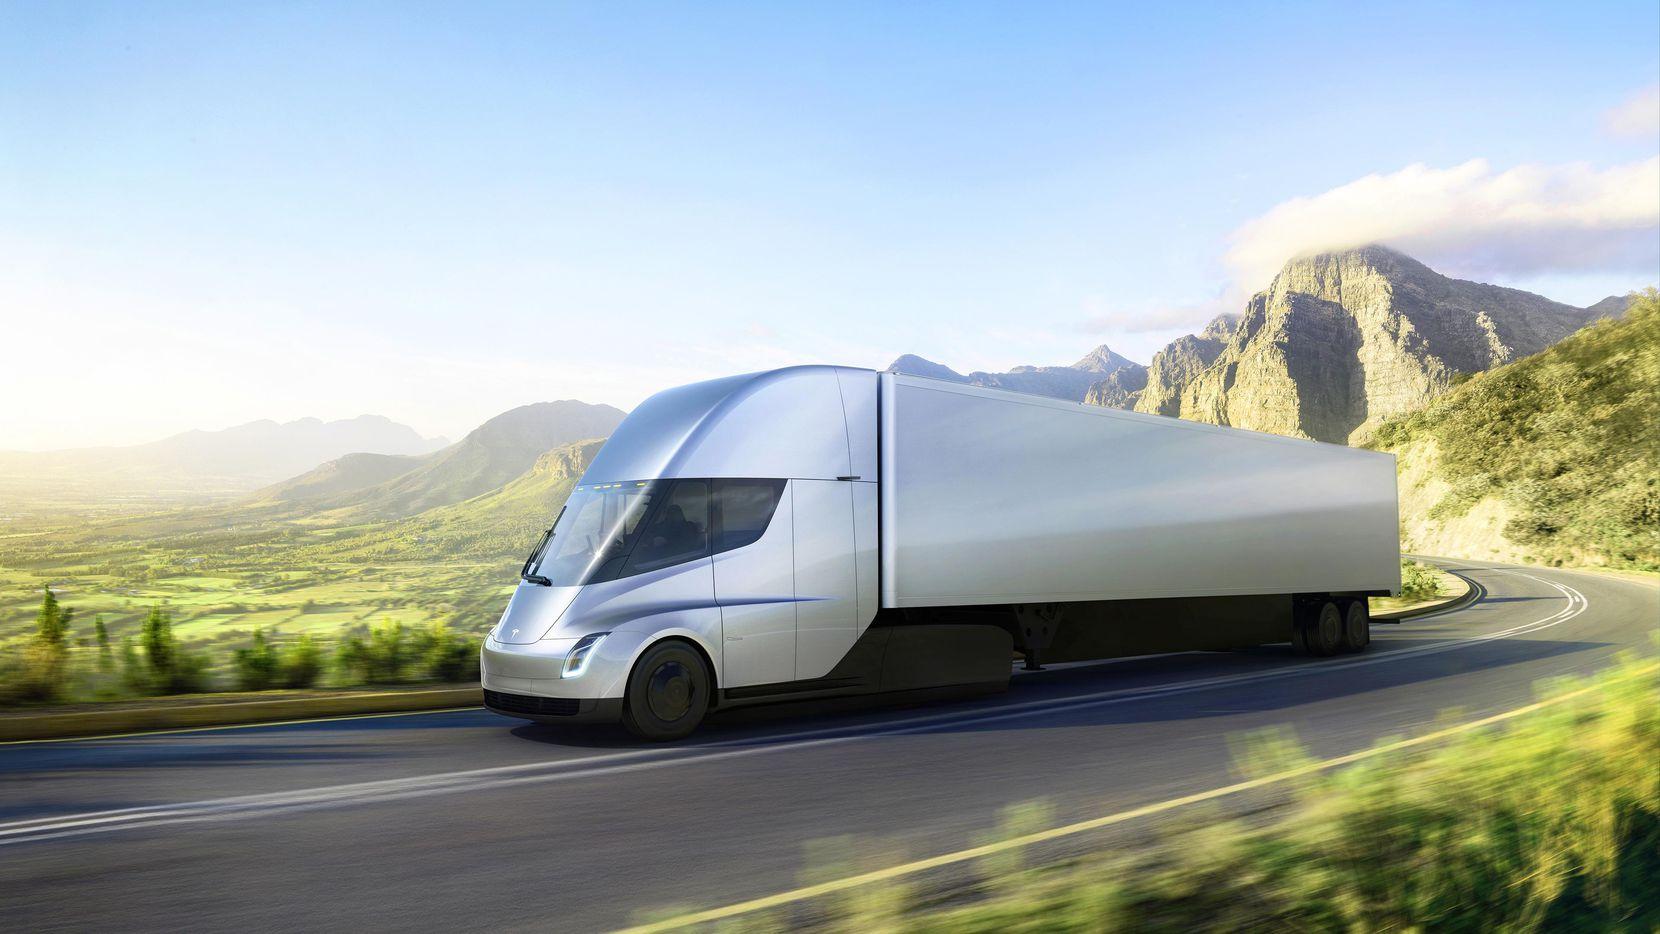 Imagen proveída por tesla que muestra el camión de carga de Tesla que fue presenta el jueves.(AP)